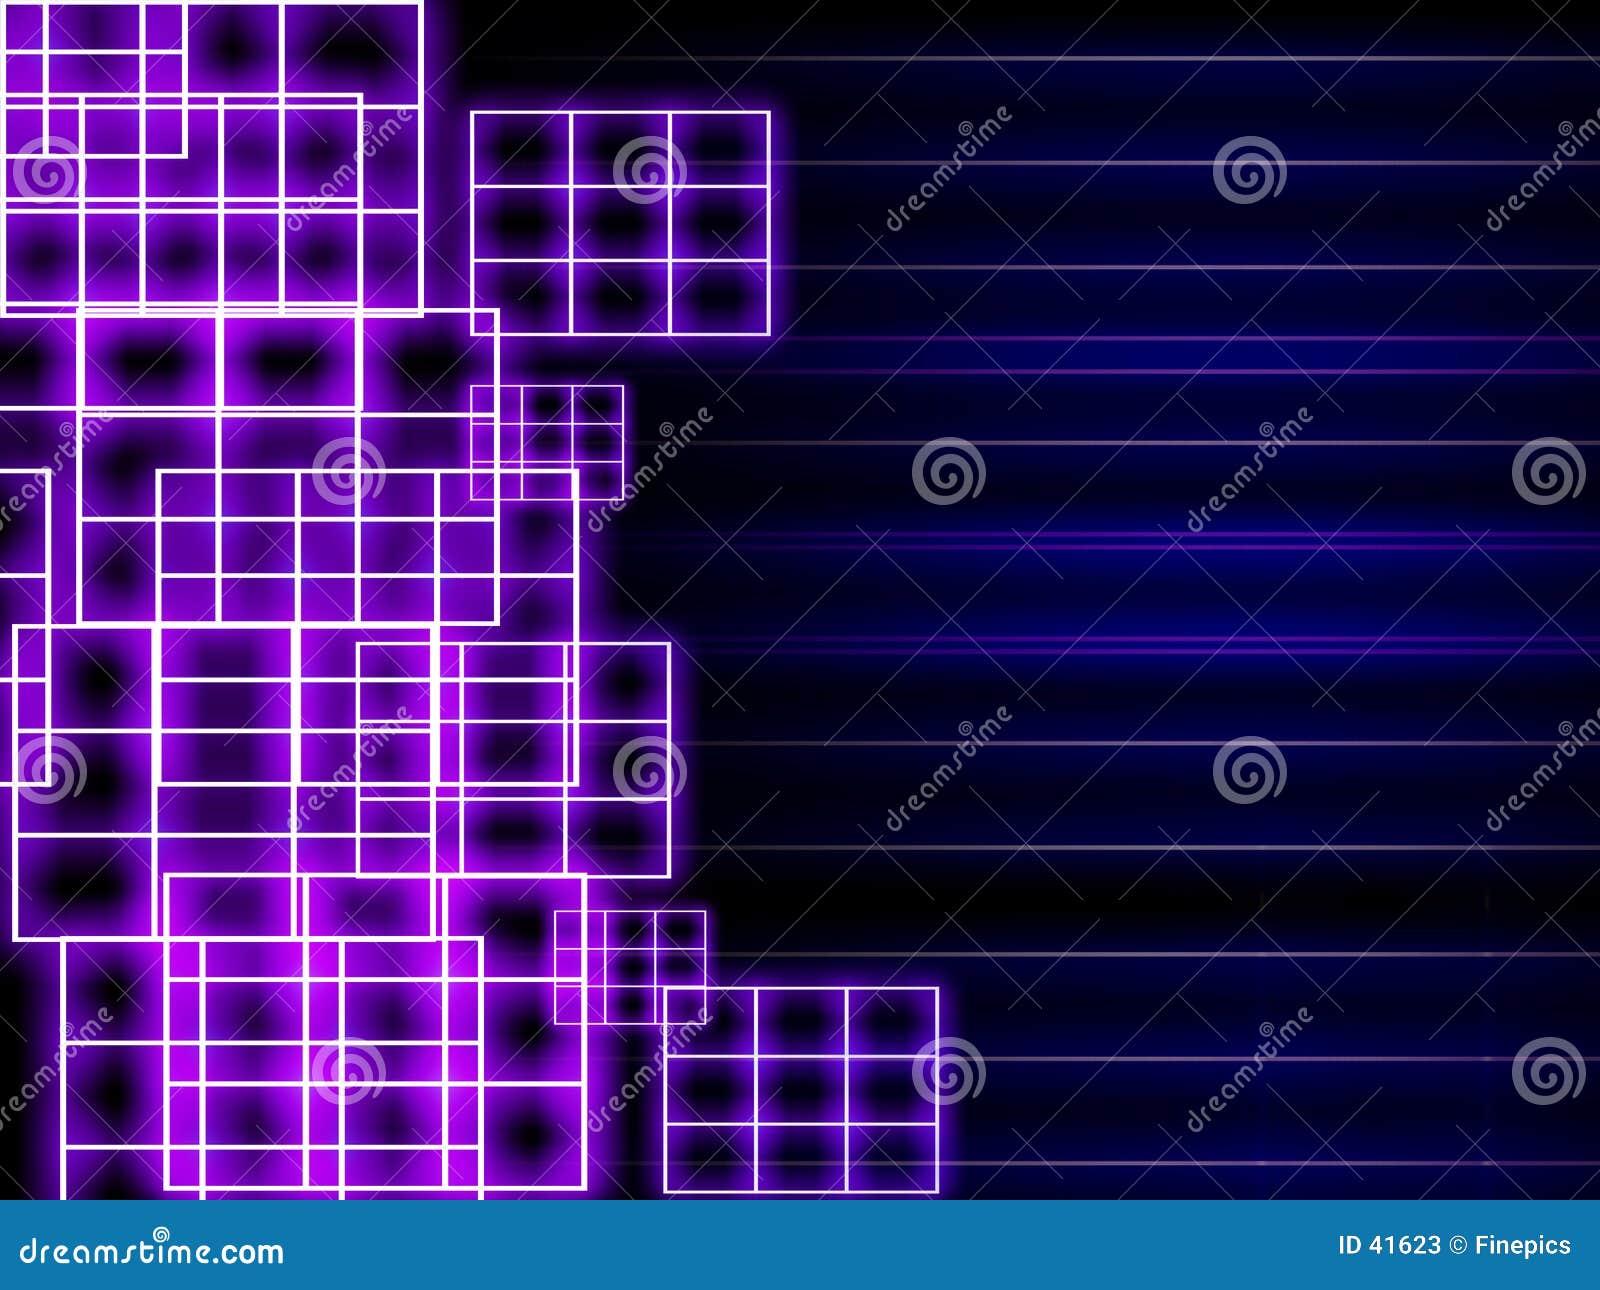 Download Fondo de neón de la red stock de ilustración. Ilustración de púrpura - 41623